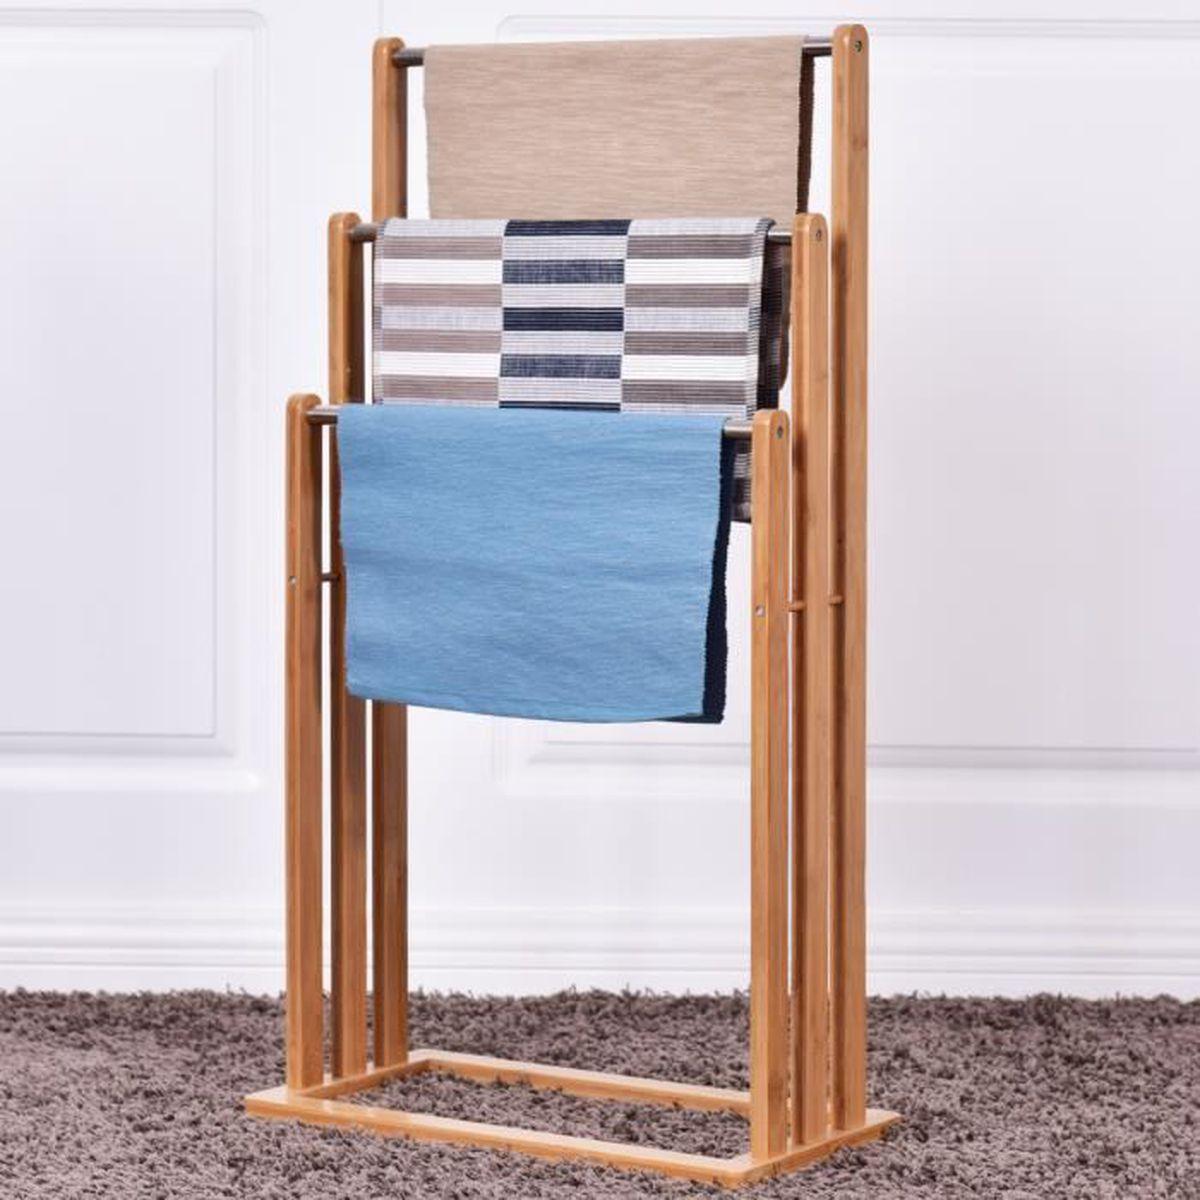 Hauteur Porte Serviette Salle De Bain costway porte-serviettes en bois avec 3 barres support pour